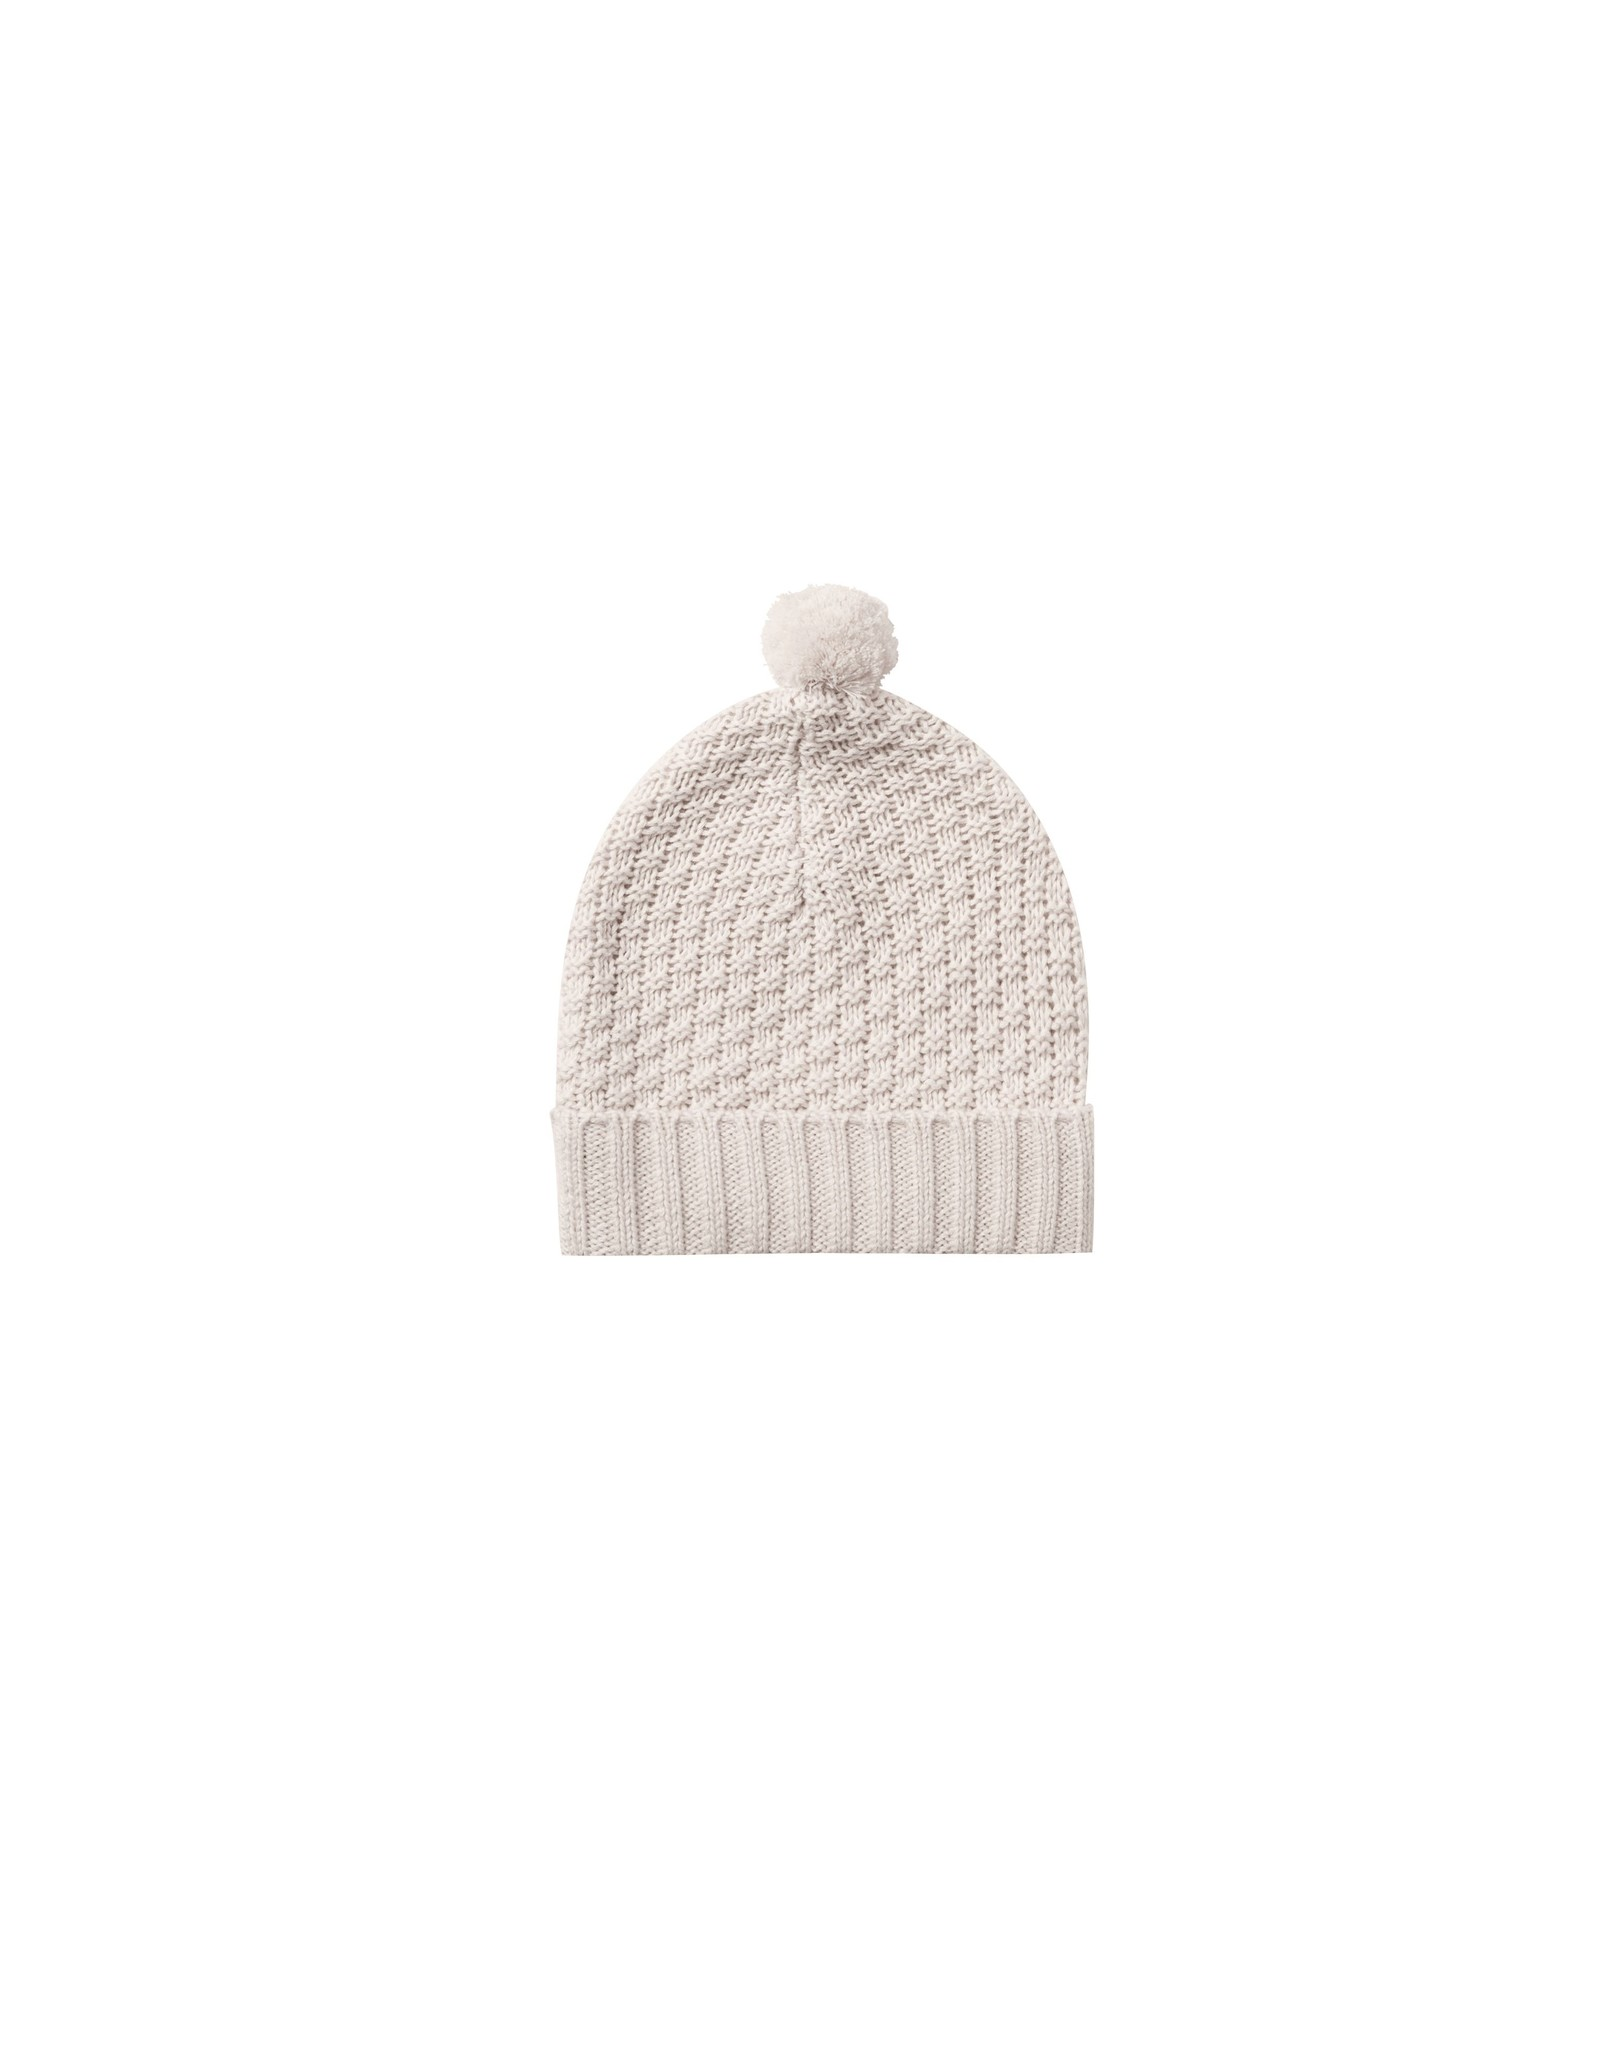 Quincy Mae knit pom pom beanie- pebble